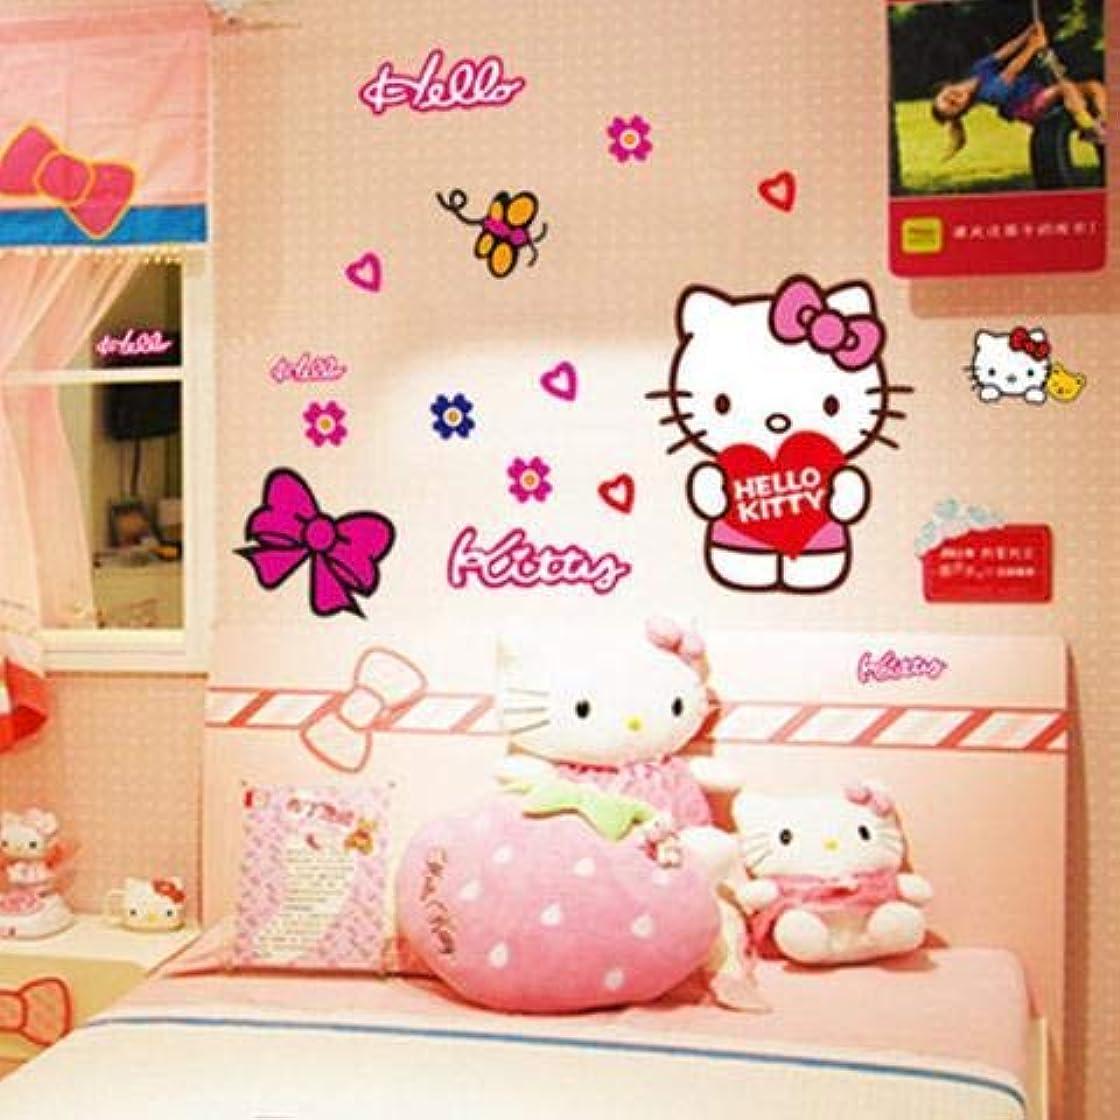 保守可能毛布有益なかわいい子供部屋のステッカーハローキティの壁のステッカーの寝室のベッドサイドの寮の壁の装飾